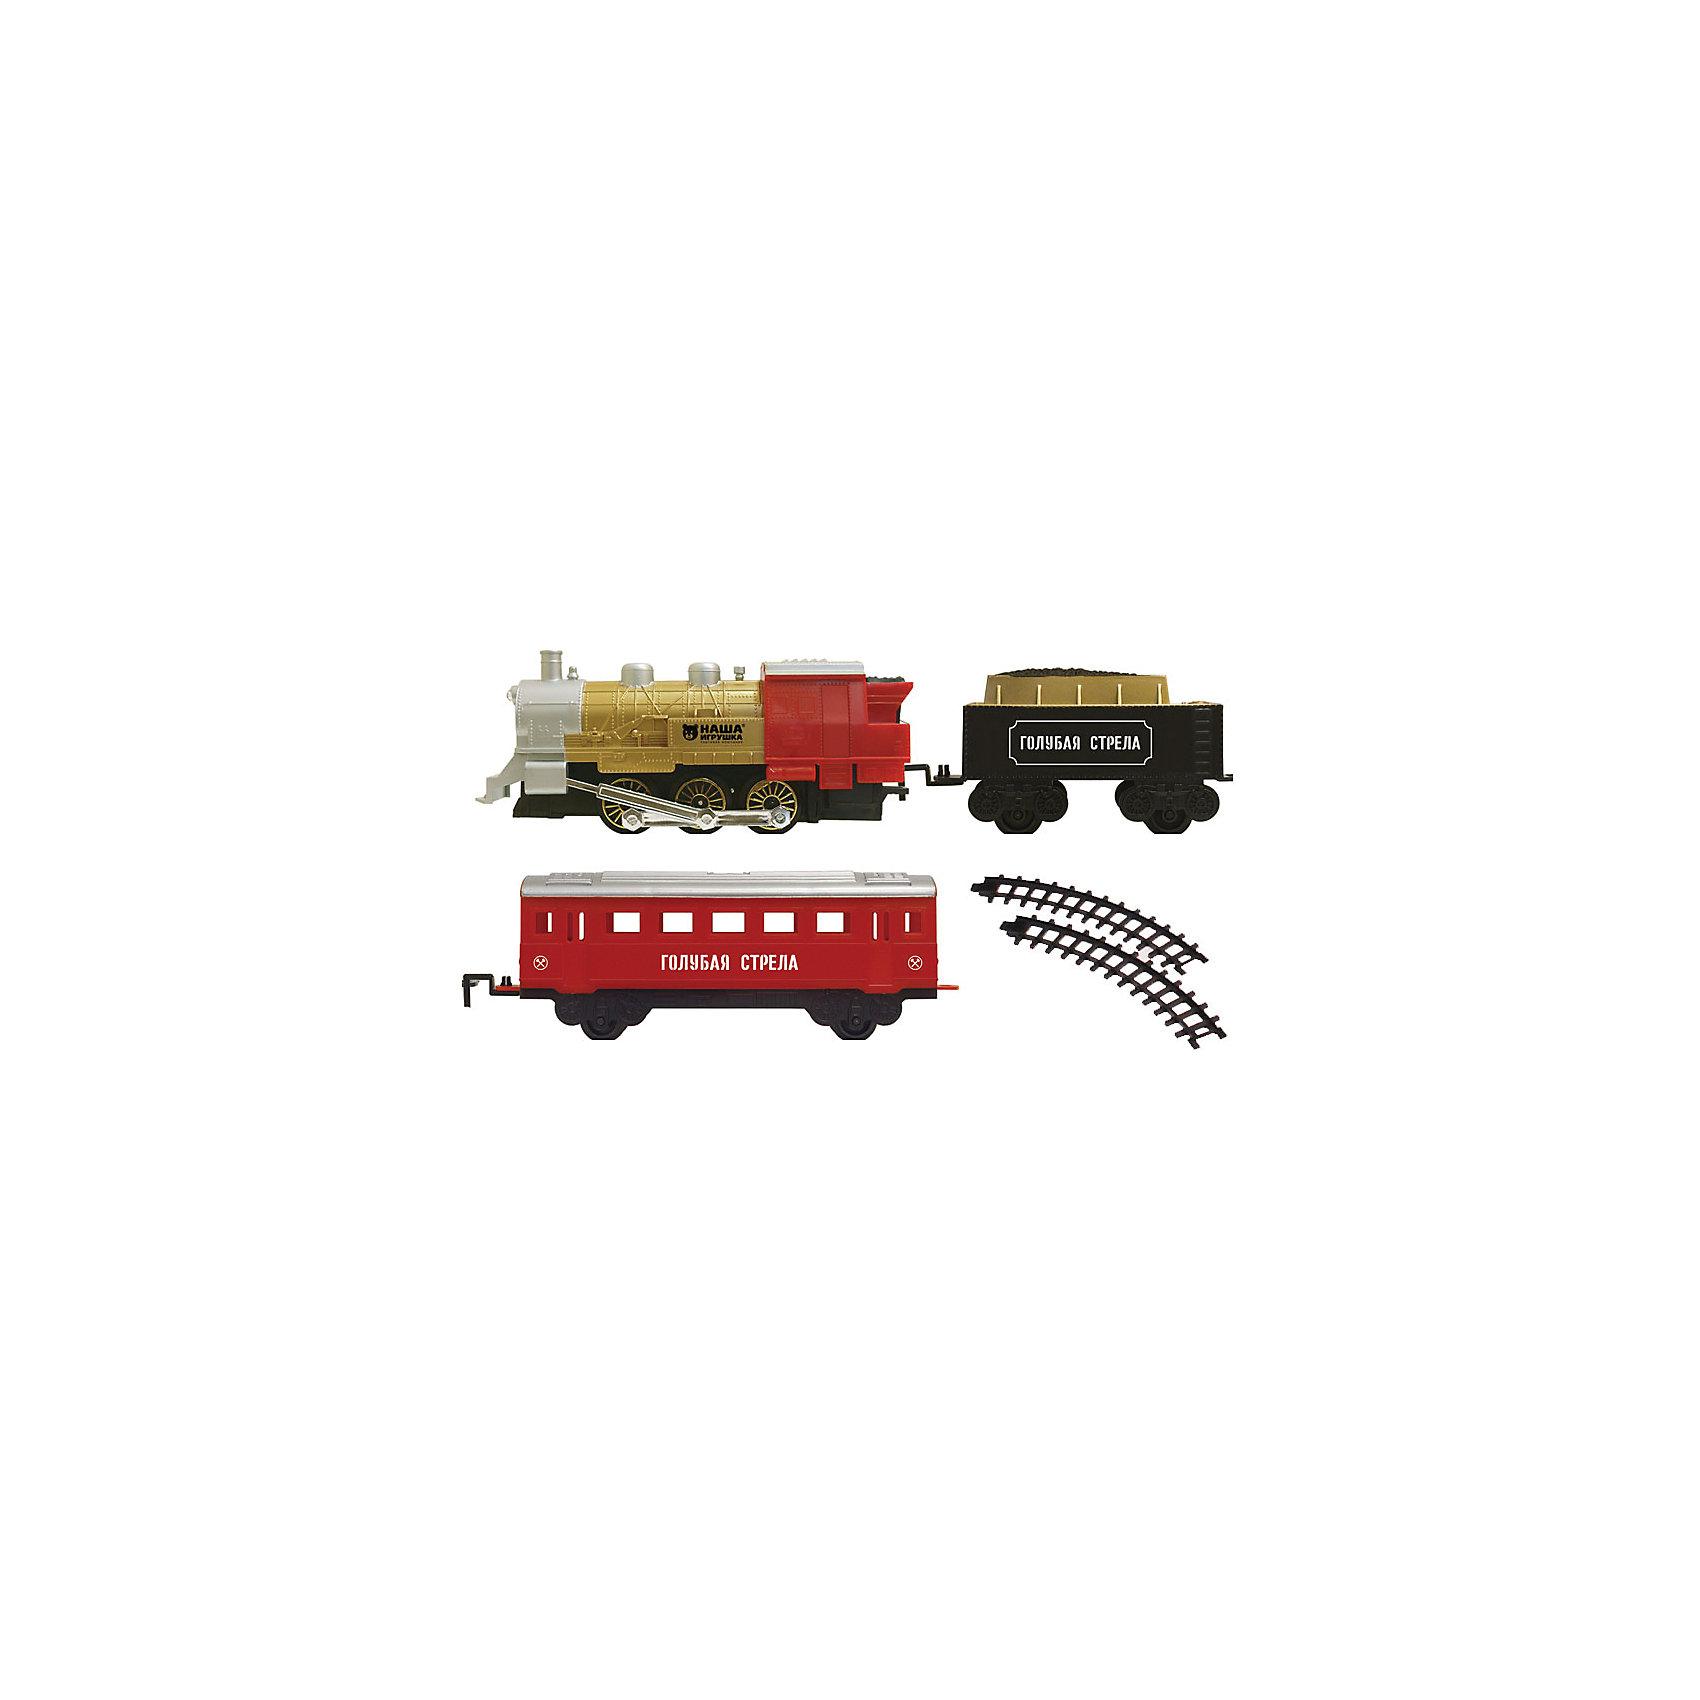 Железная дорога с двумя вагончиками 282 см, Голубая стрелаИгрушечная железная дорога<br>Железная дорога с двумя вагончиками 282 см, Голубая стрела.<br><br>Характеристики:<br><br>• Комплектация: локомотив, тендер, вагон, элементы пути<br>• Ширина колеи: 3,2 см.<br>• Длина пути: 282 см.<br>• Масштаб 1:48<br>• Батарейки: 2хААА и 2х D (в комплект не входит)<br>• Материал: пластик<br>• Упаковка: картонная коробка<br>• Размер упаковки: 48х7х30 см.<br><br>Железная дорога с двумя вагончиками от производителя Голубая стрела не оставит равнодушными ни малышей, ни взрослых. Она состоит из локомотива, тендера, вагона и элементов пути. Звуковые, световые спецэффекты, а еще настоящий дым из трубы сделают игру интересной и увлекательной. <br><br>Движение состава происходит в зависимости от положения переключателя on/off на паровозе. Все детали набора сделаны аккуратно, рельсы плавно садятся на крепления и не рассыпаются во время игры. Железная дорога сделана из безопасного пластика без вредных токсинов и примесей.<br><br>Железную дорогу с двумя вагончиками 282 см, Голубая стрела можно купить в нашем интернет-магазине.<br><br>Ширина мм: 380<br>Глубина мм: 260<br>Высота мм: 75<br>Вес г: 779<br>Возраст от месяцев: 36<br>Возраст до месяцев: 2147483647<br>Пол: Мужской<br>Возраст: Детский<br>SKU: 5400263